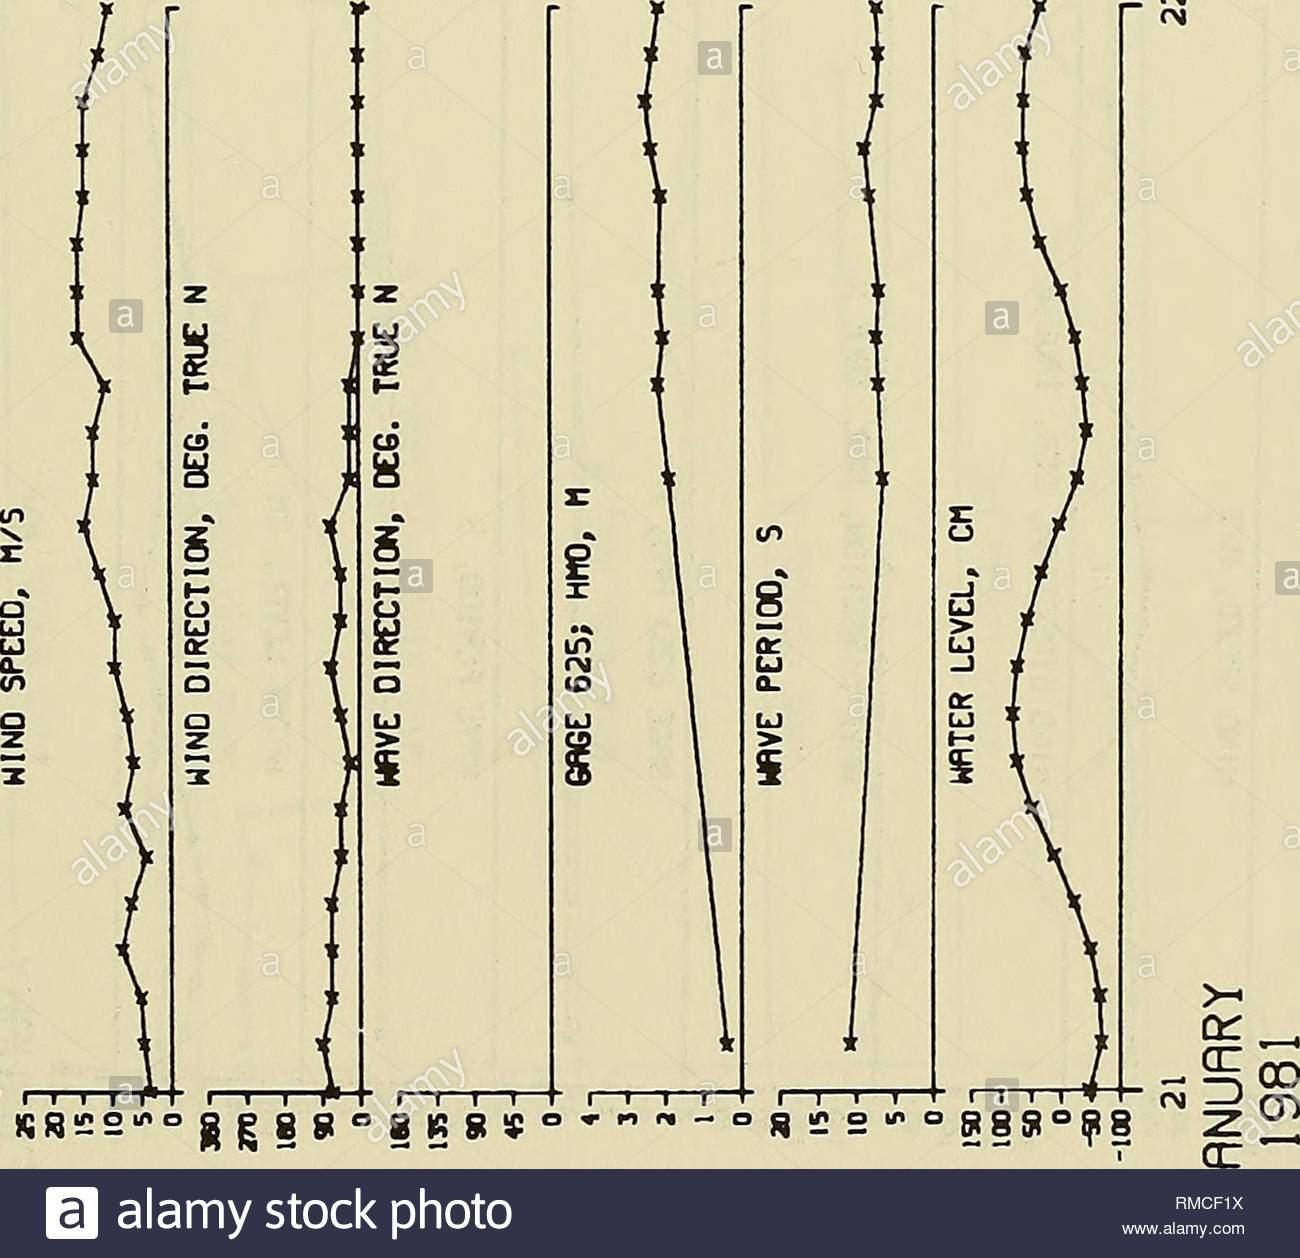 jahrliche zusammenfassung der daten fur 1981 cerc feld forschungseinrichtung ocean waves marine meteorologie iqs ch ce n en od i i 11 i i w s 55 sass huttensandmehl bkr d 5 bitte beachten sie dass se bilder sind von der gescannten seite bilder digital fur lesbarkeit verbessert haben mogen farbung und aussehen ser abbildungen konnen nicht perfekt dem original ahneln extrahiert miller h carl us army engineer wasserstrassen experiment station in den vereinigten staaten armee korps der ingenieure vicksburg fraulein abt der armee wasserstrassen experiment station korps der ingenieure rmcf1x